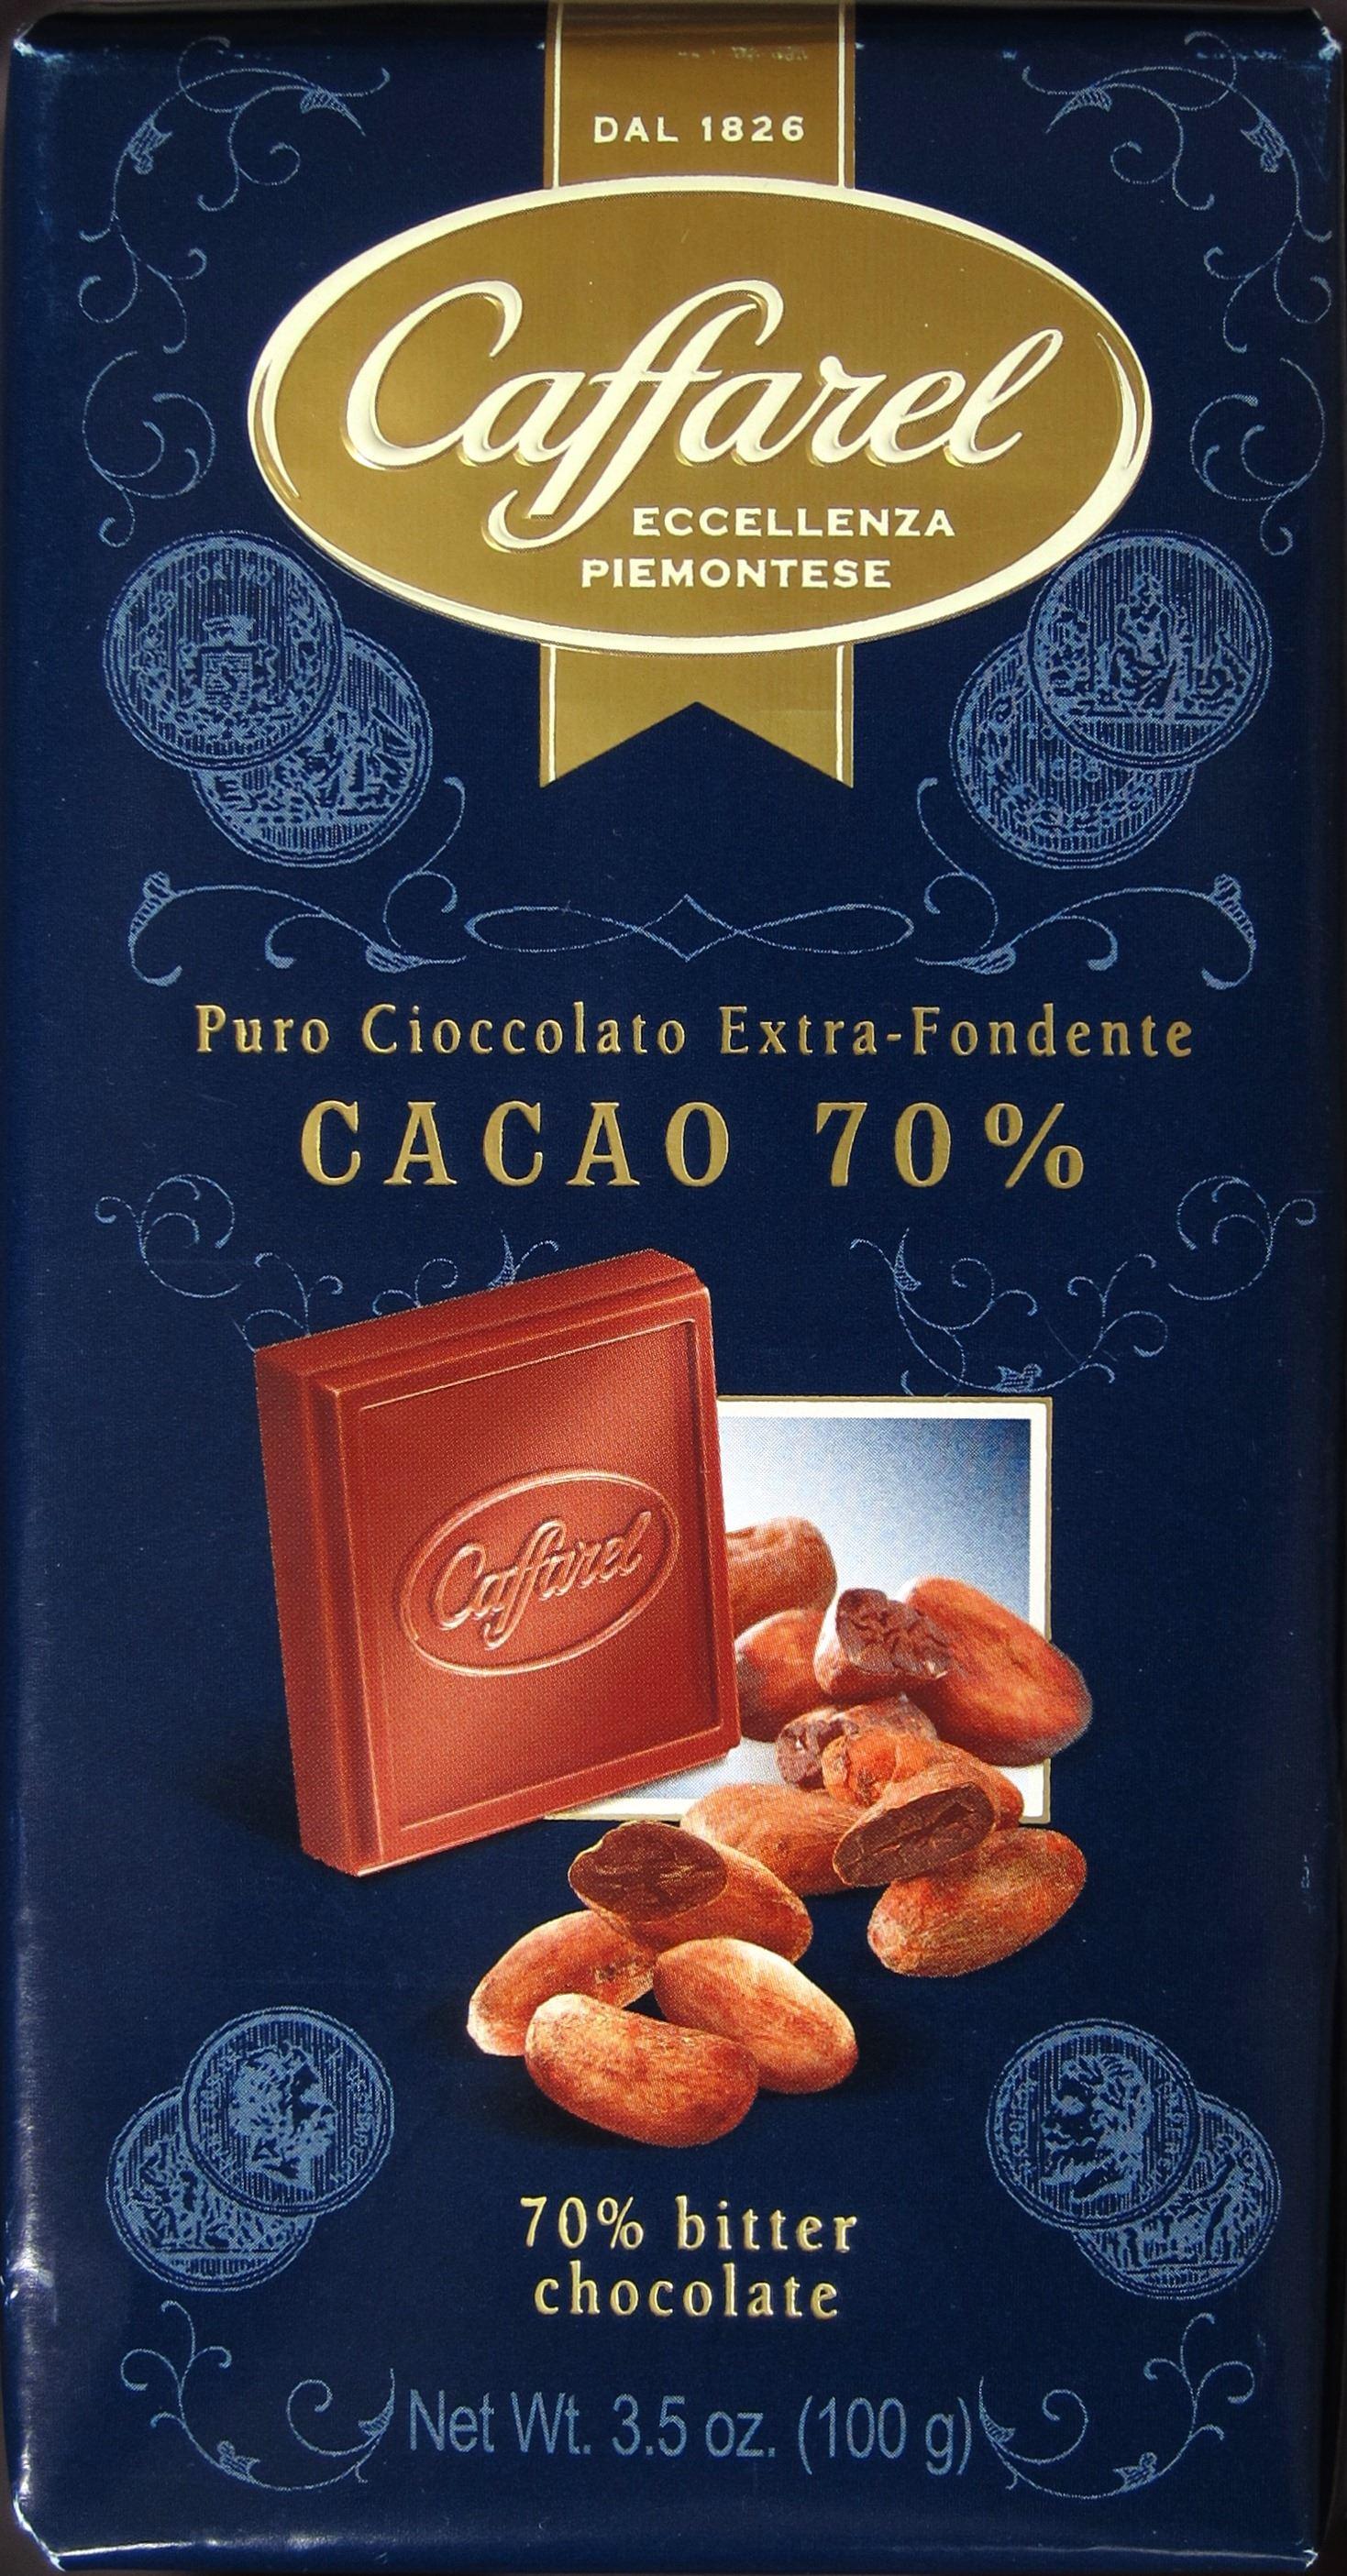 Caffarel Puro Cioccolat Extra-Fondente Cacao 70%